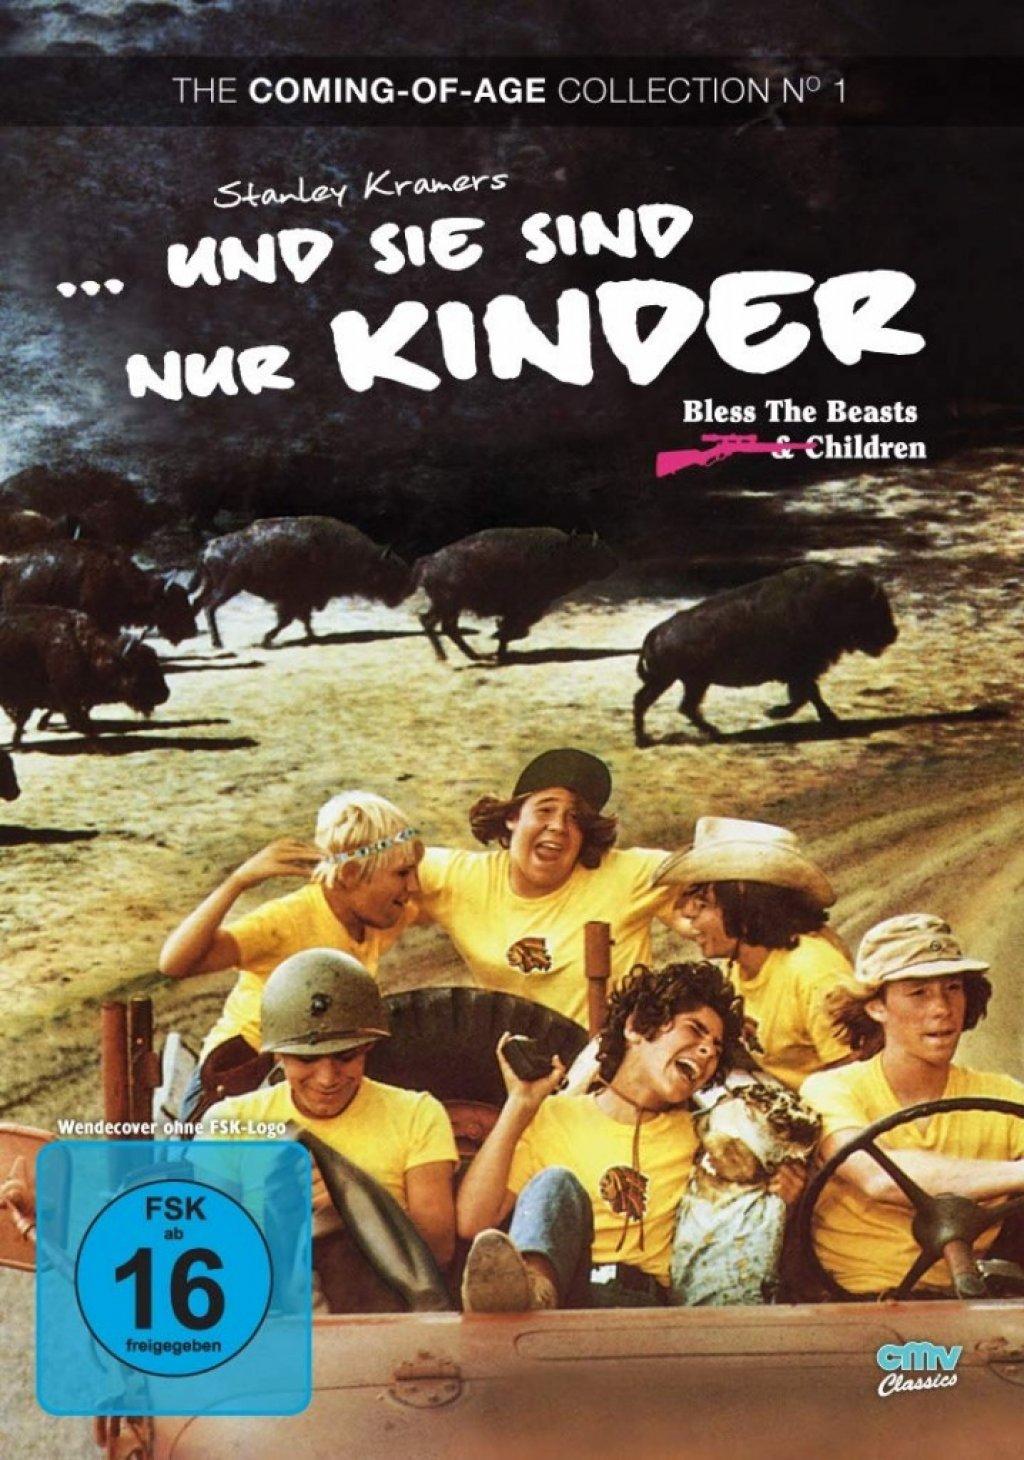 ... und sie sind nur Kinder - The Coming-of-Age Collection No. 1 (DVD)